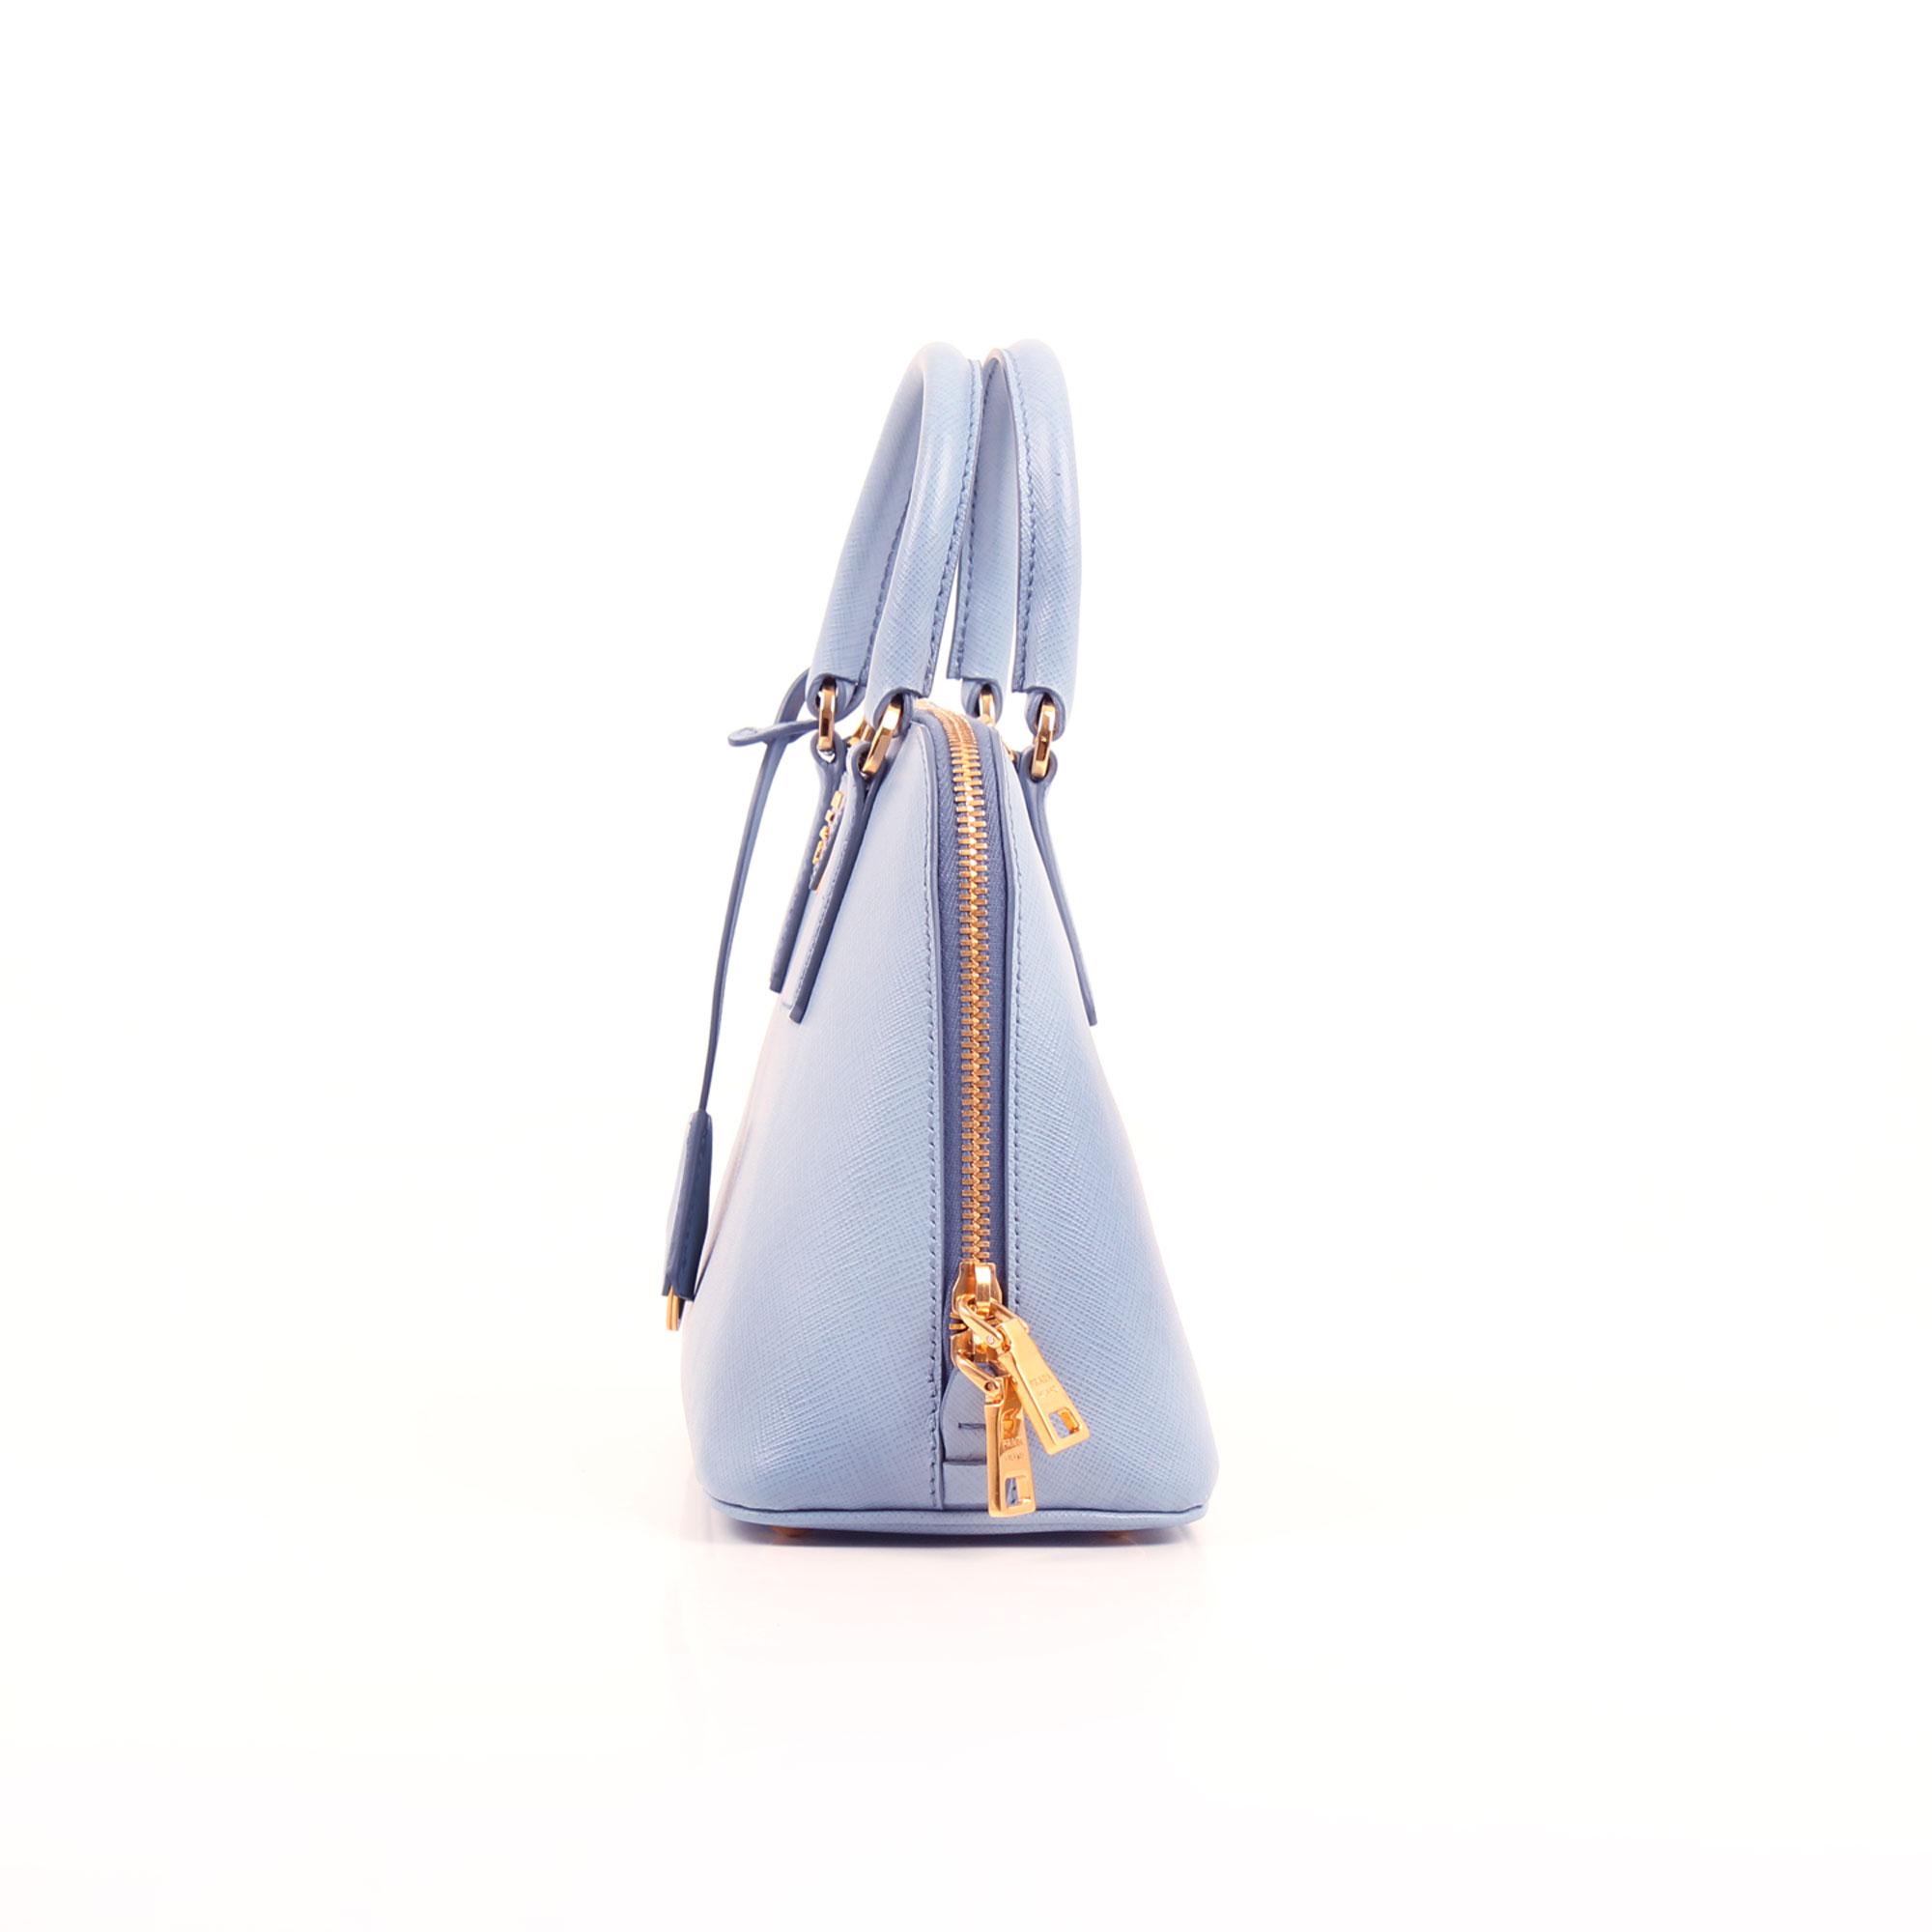 Imagen lateral del bolso prada small promenade saffiano azul